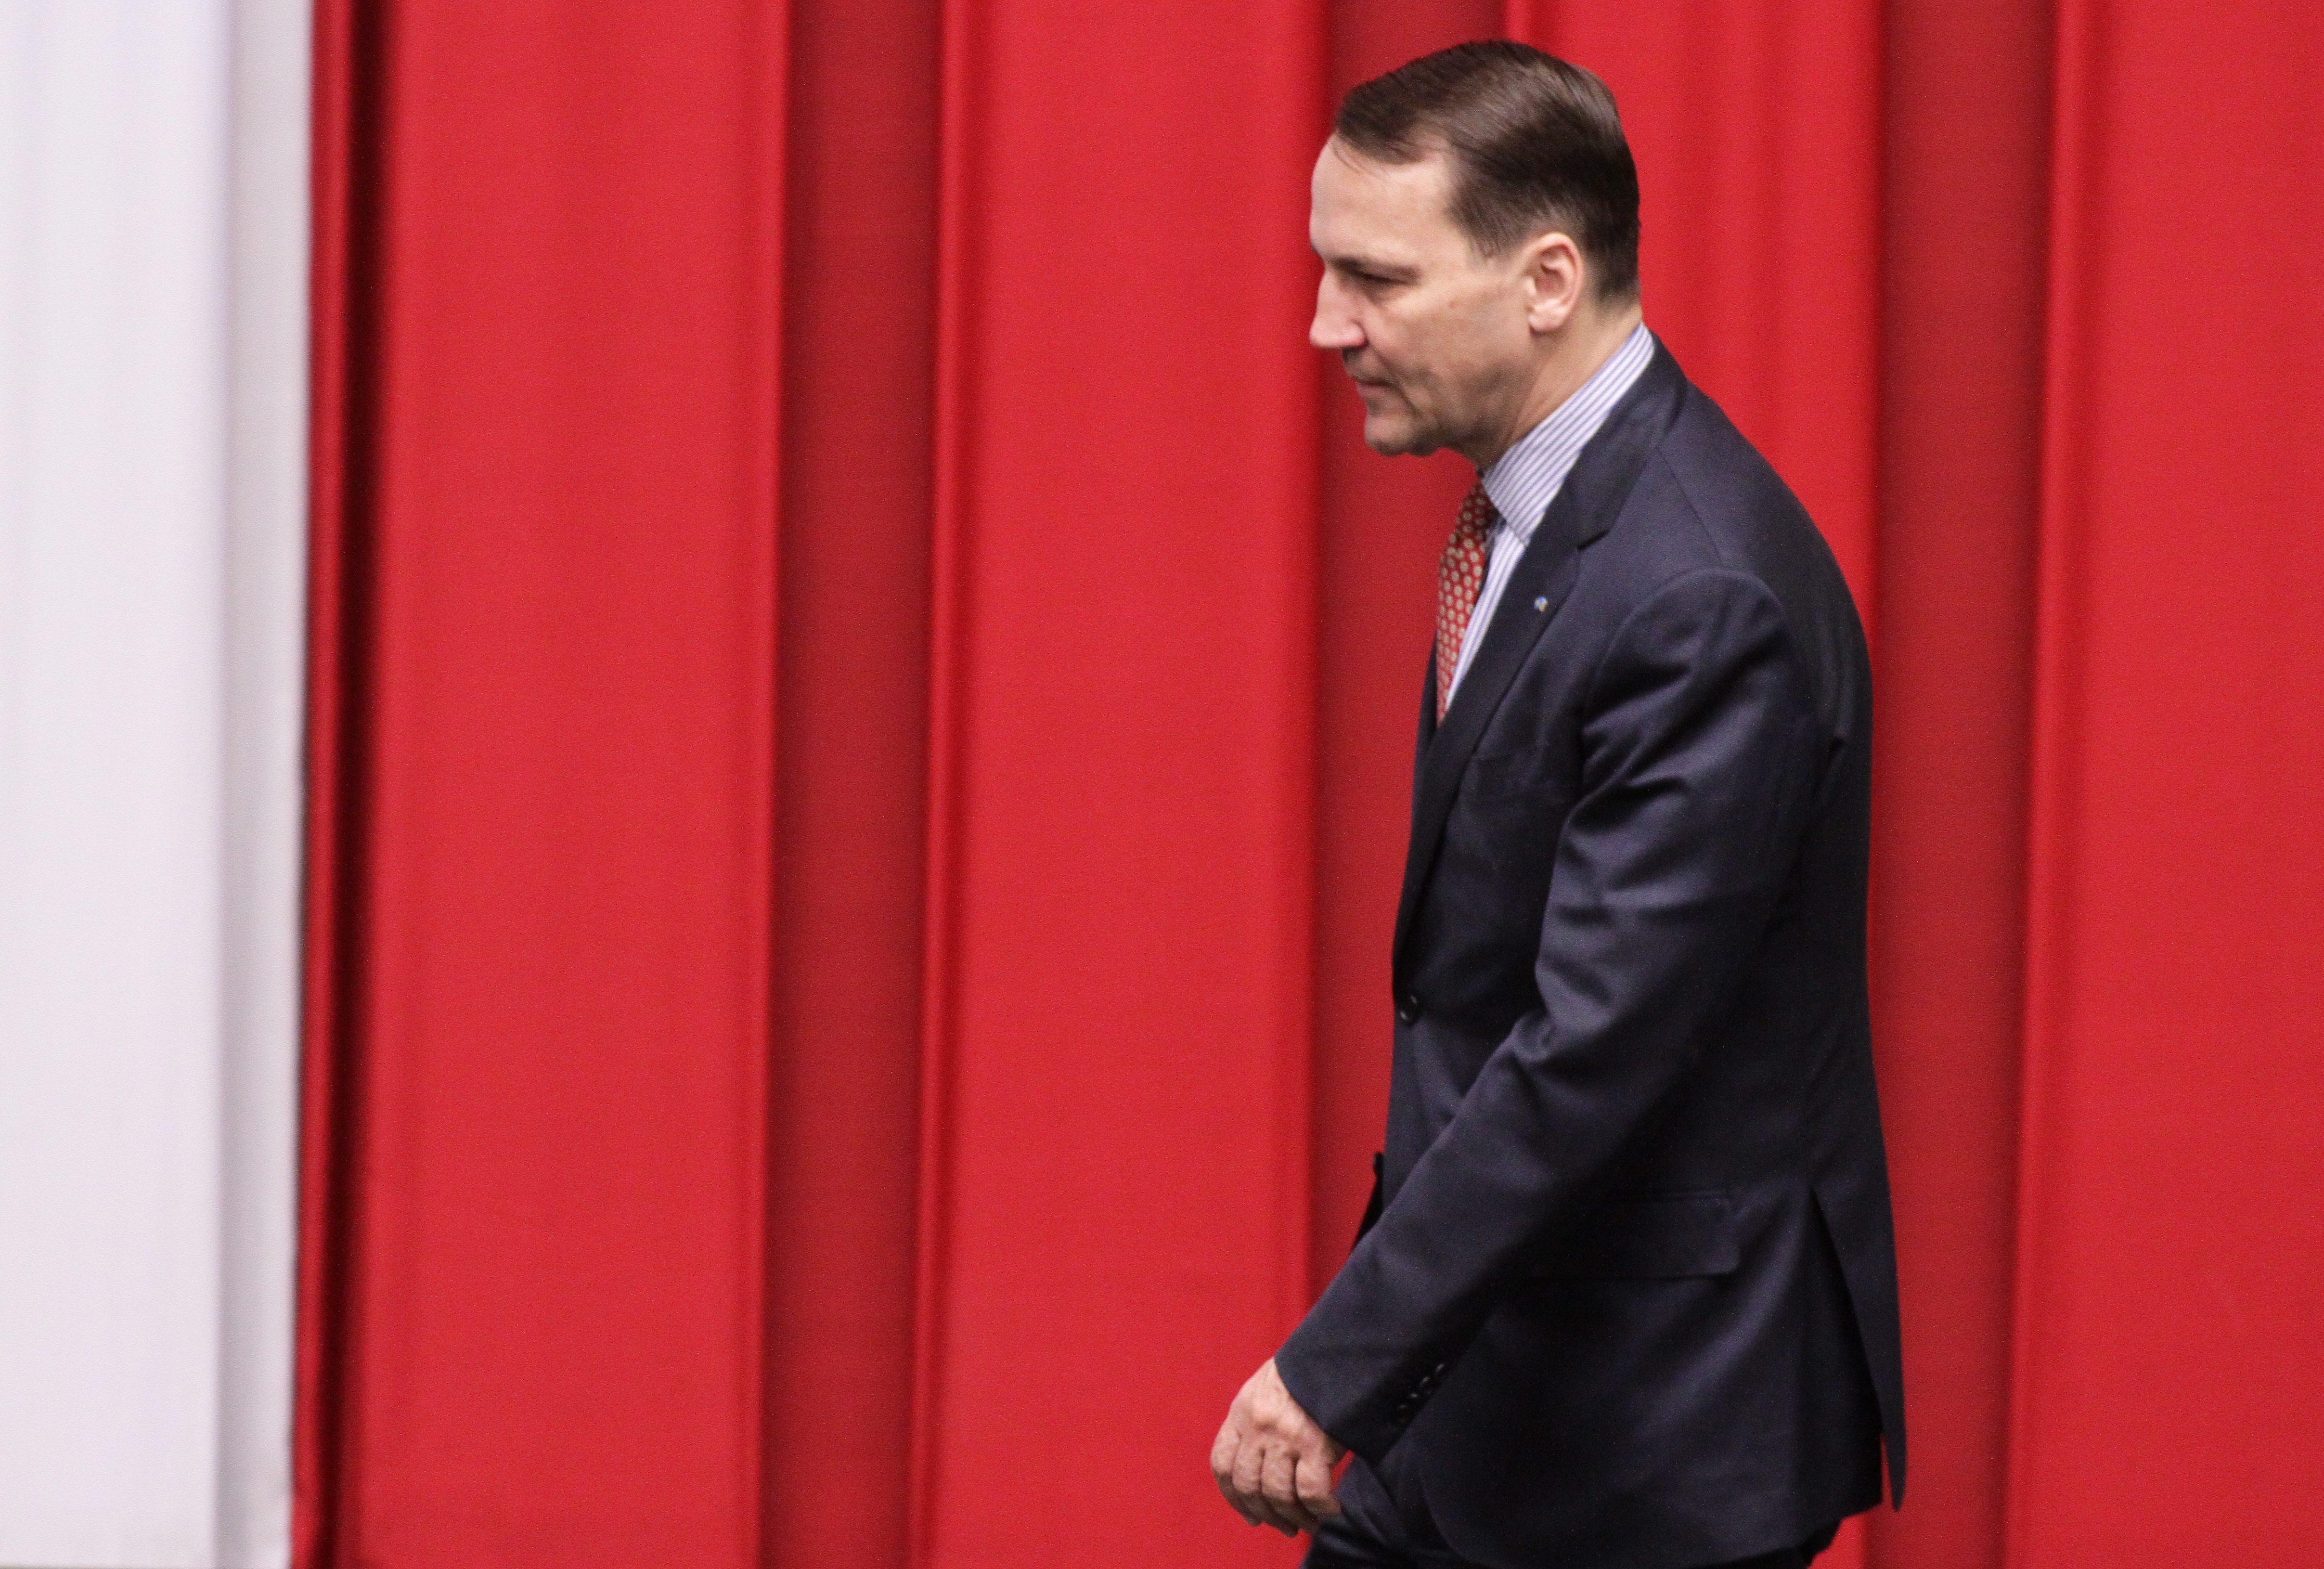 05.03.2015 Warszawa . Sejm . Marszalek Radoslaw Sikorski podczas glosowan . Fot . Slawomir Kaminski / Agencja Gazeta